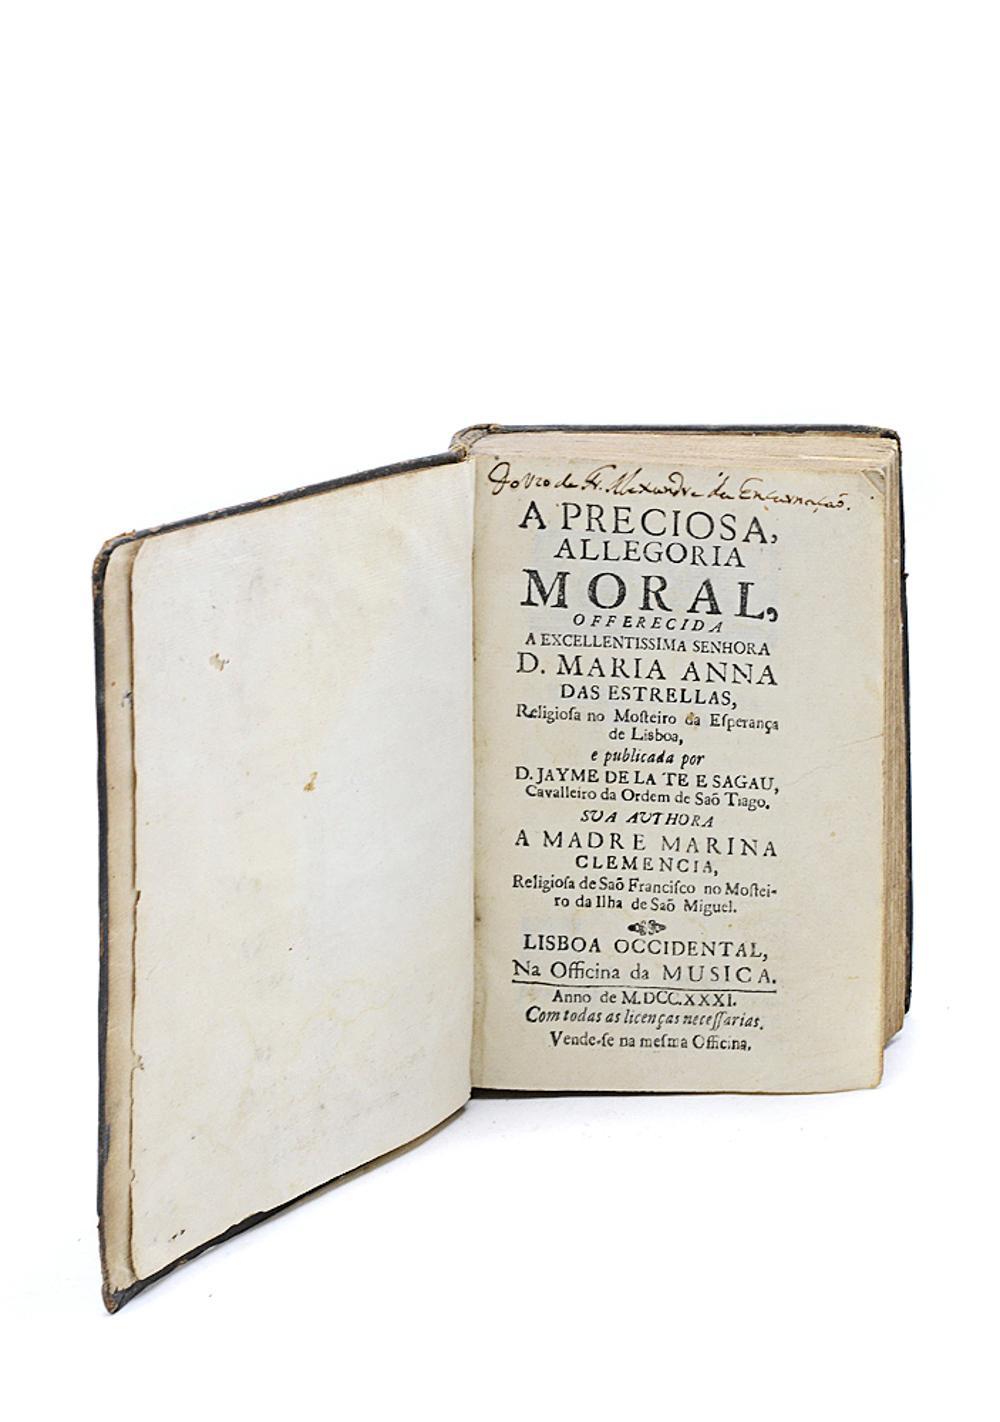 CÉU, Maria do. A PRECIOSA, ALLEGORIA MORAL, 1 vol.